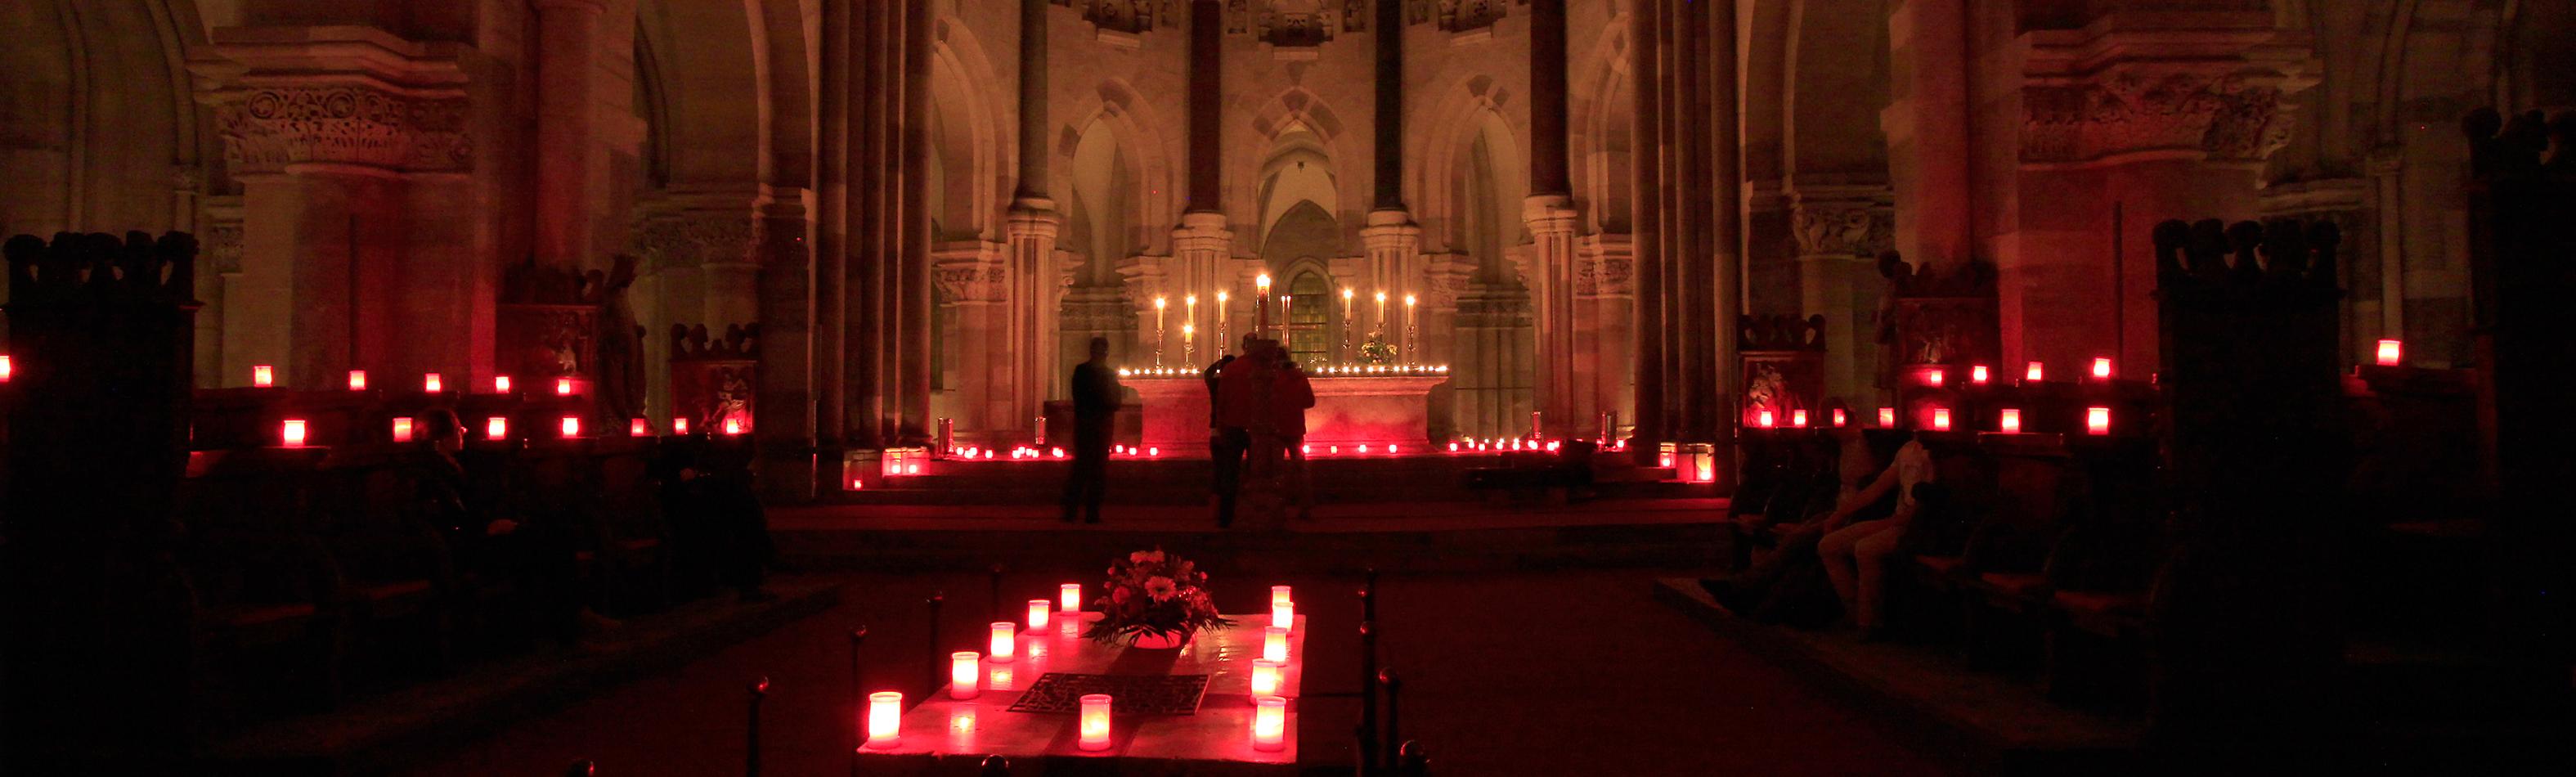 Dom - Nacht der Lichter